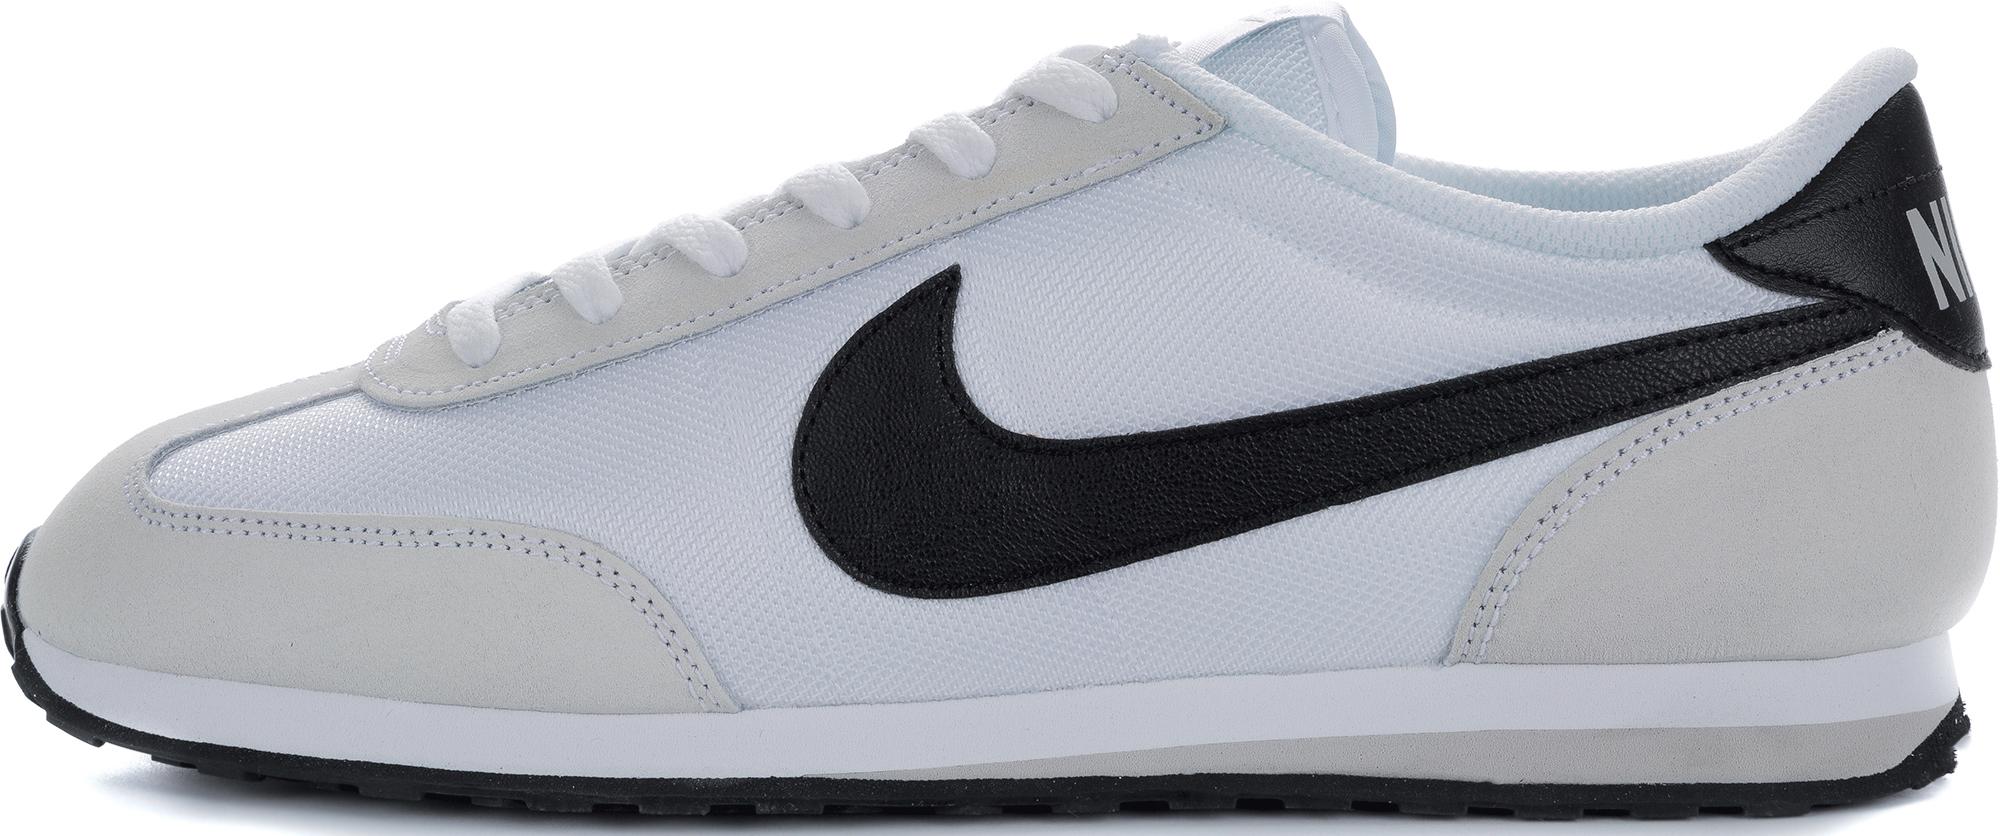 Nike Кроссовки мужские Nike Mach Runner, размер 42